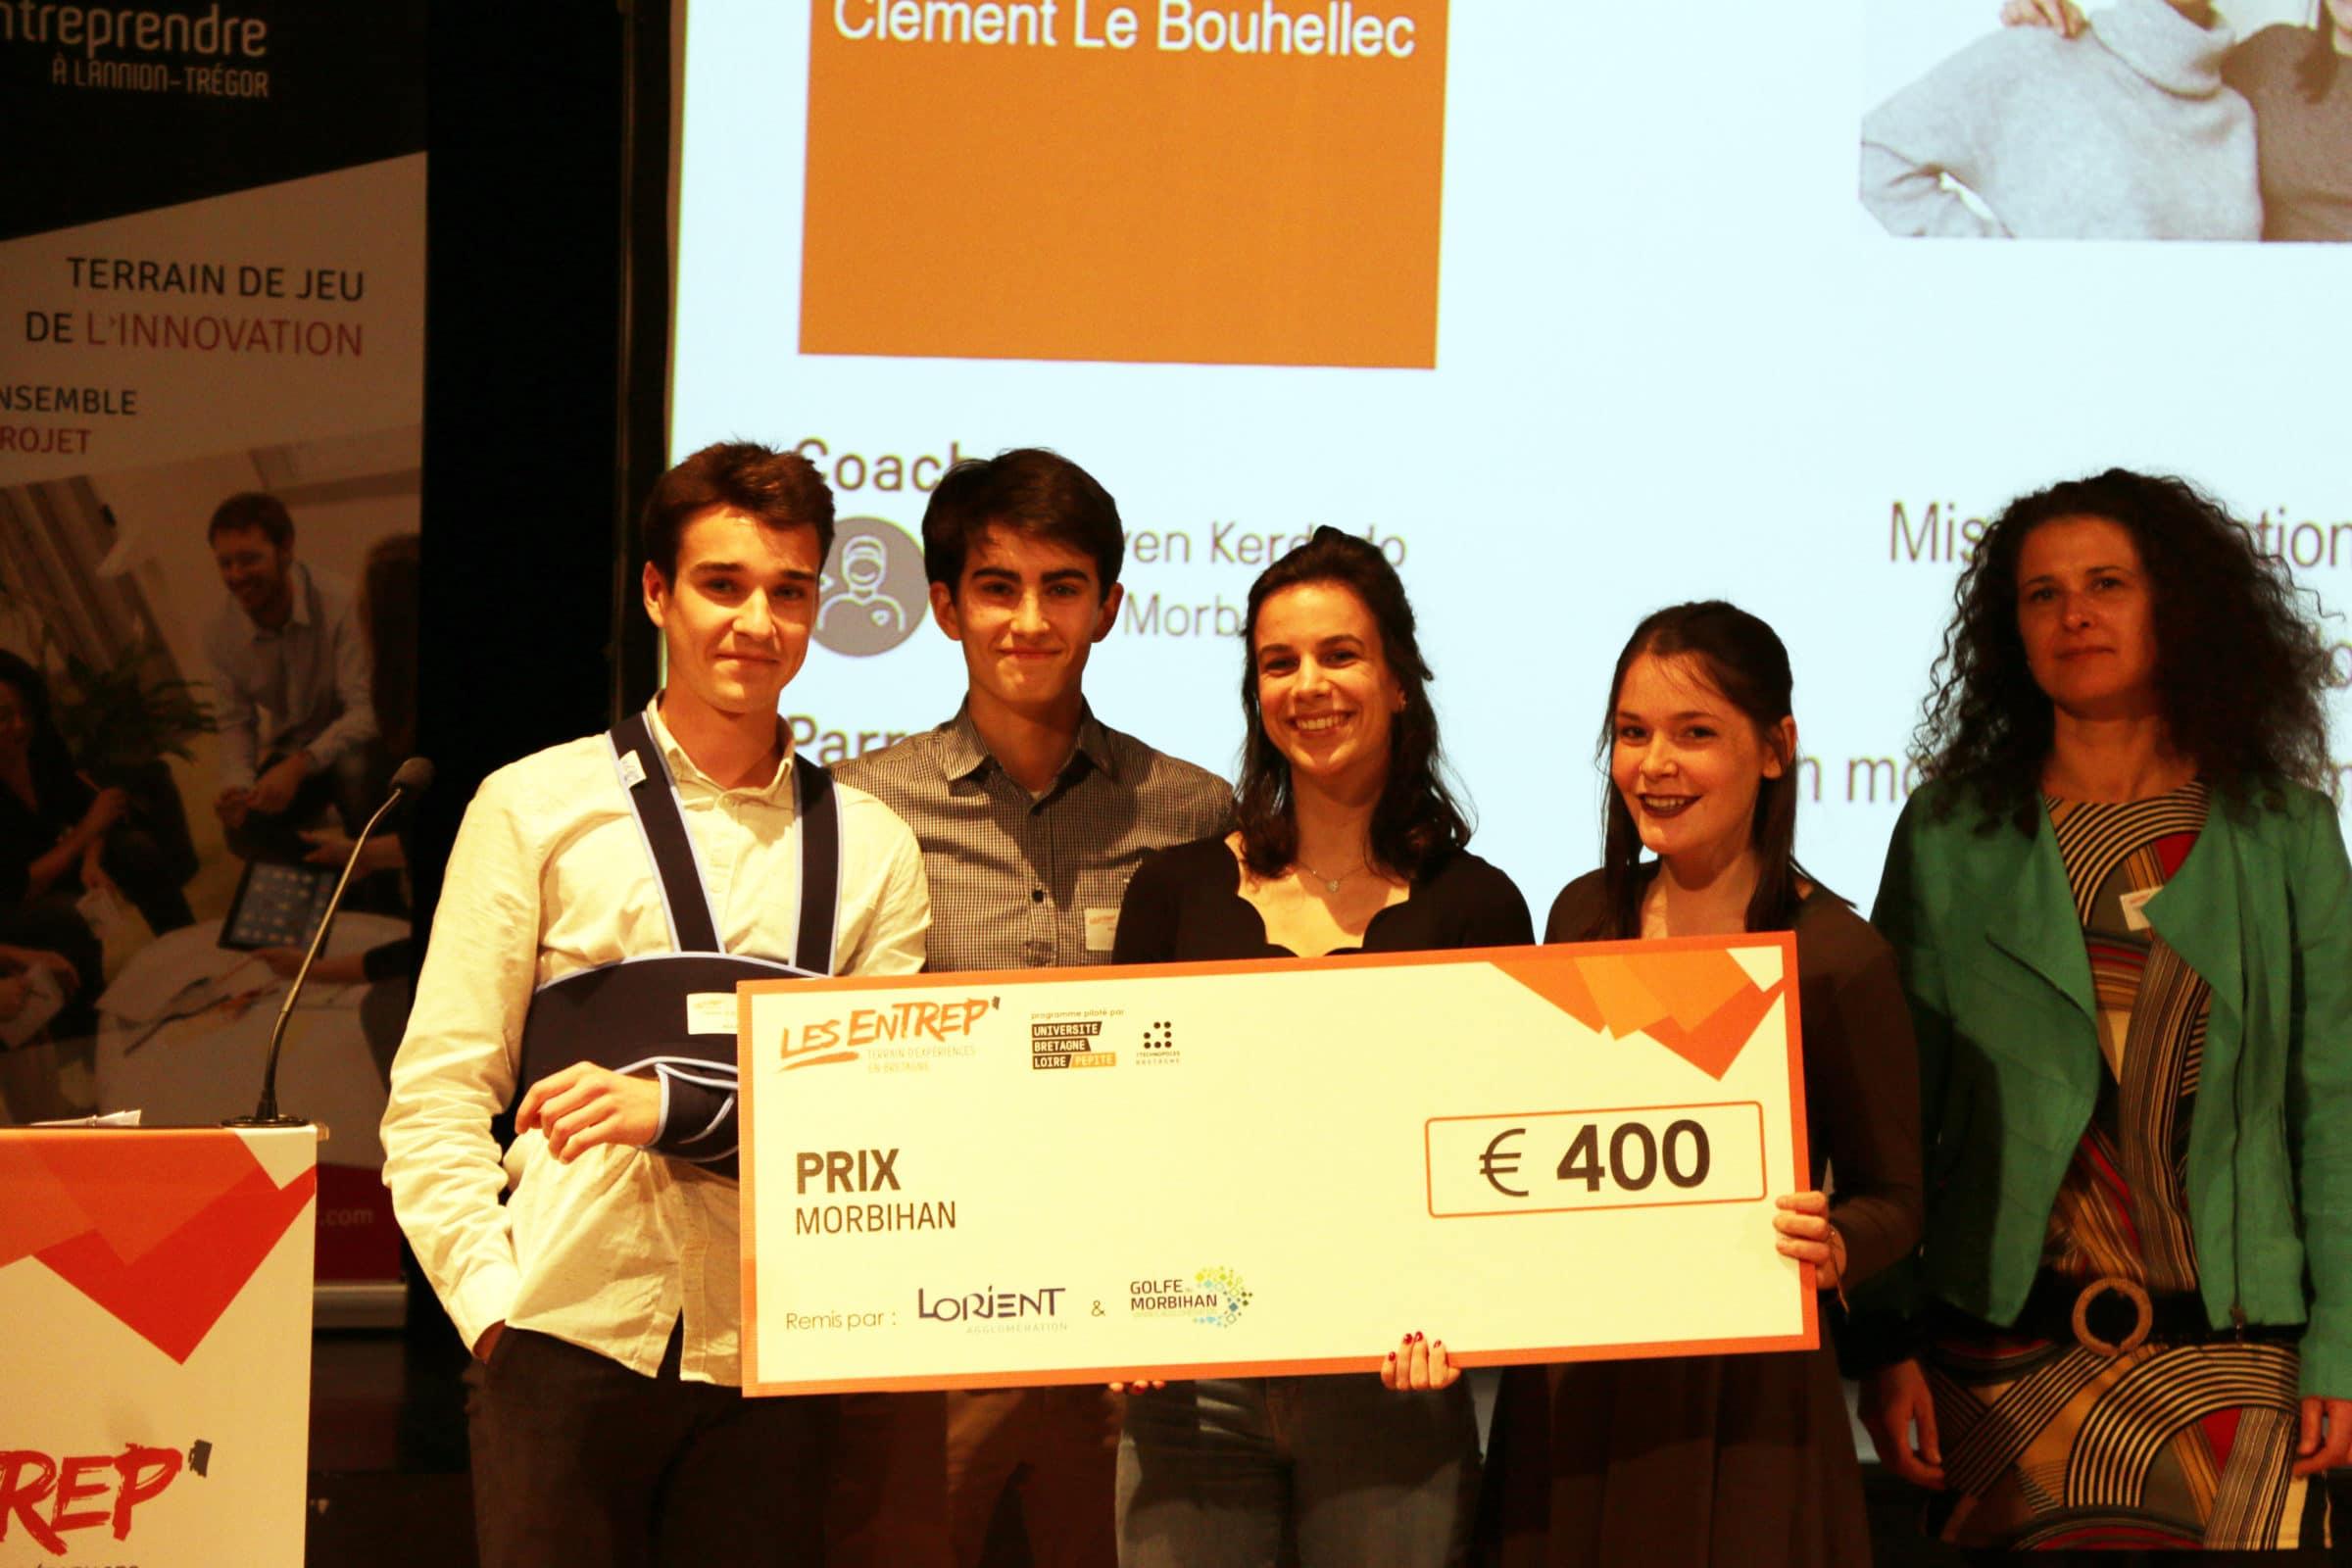 BIOCAL reçoit le prix Morbihan aux Entrep' 2019 ! BRAVO à cette équipe du Campus de Lorient !